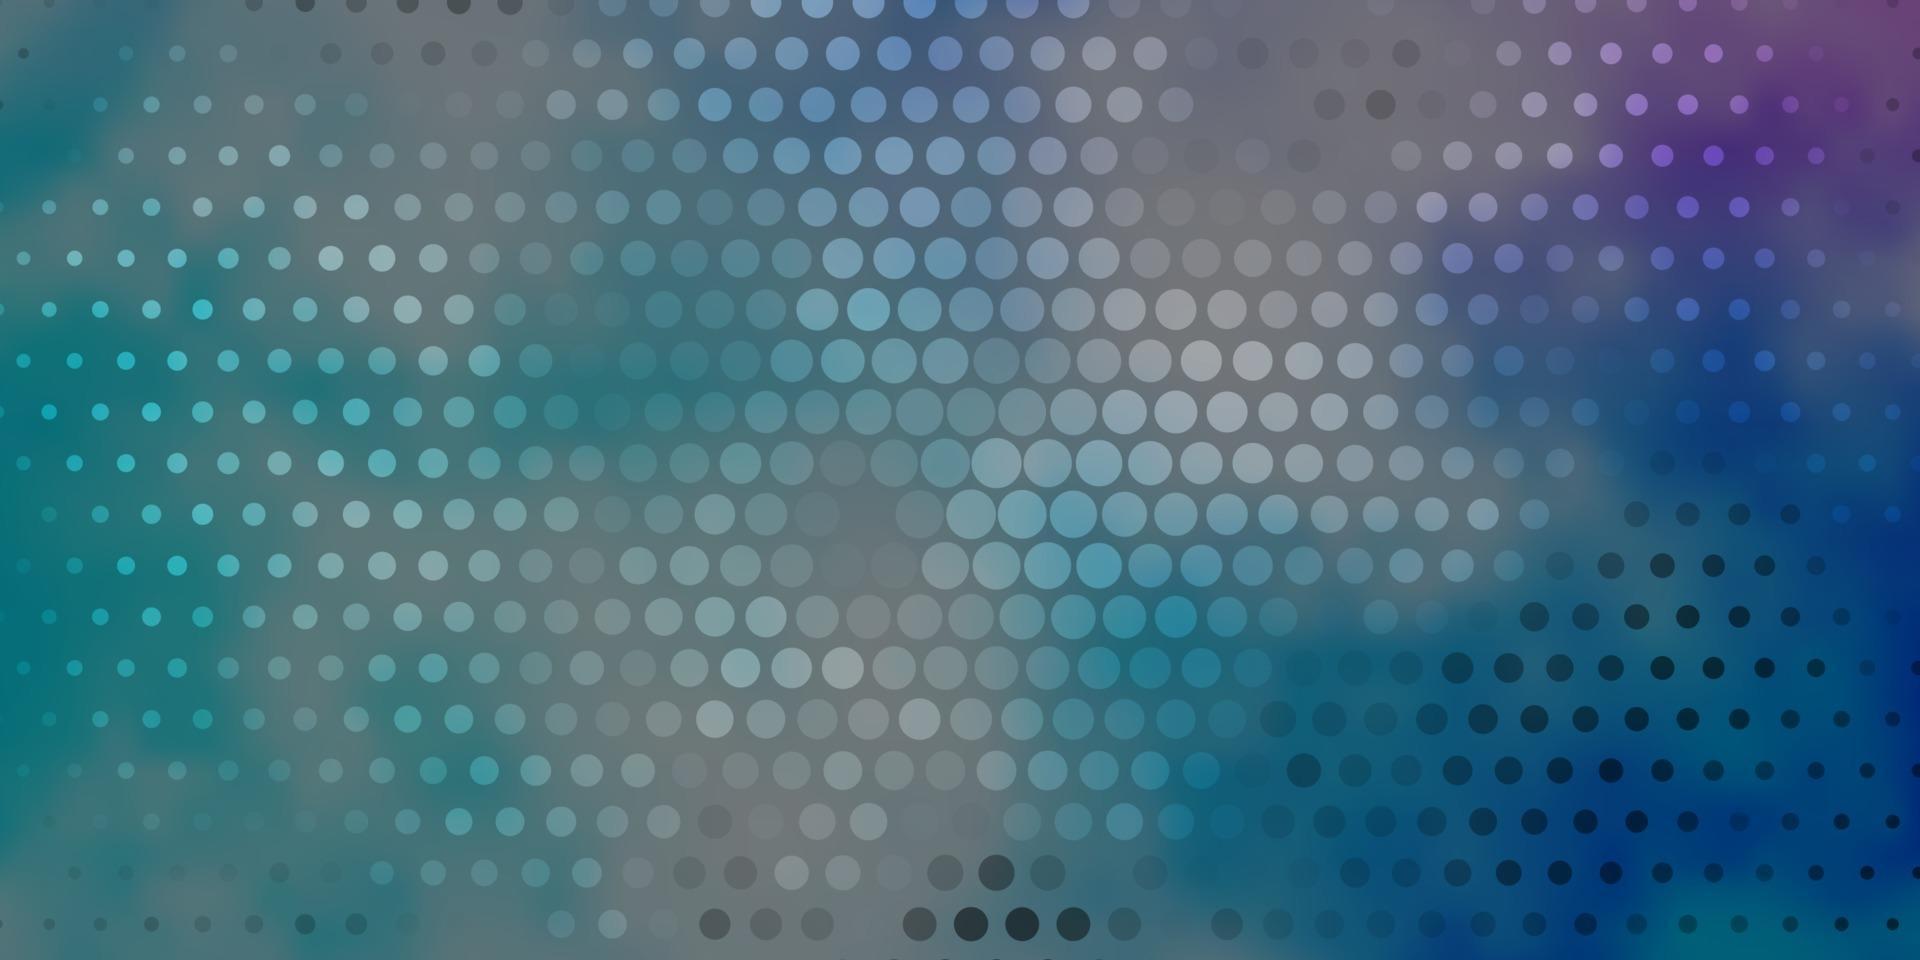 Fondo de vector de color rosa oscuro, azul con círculos.